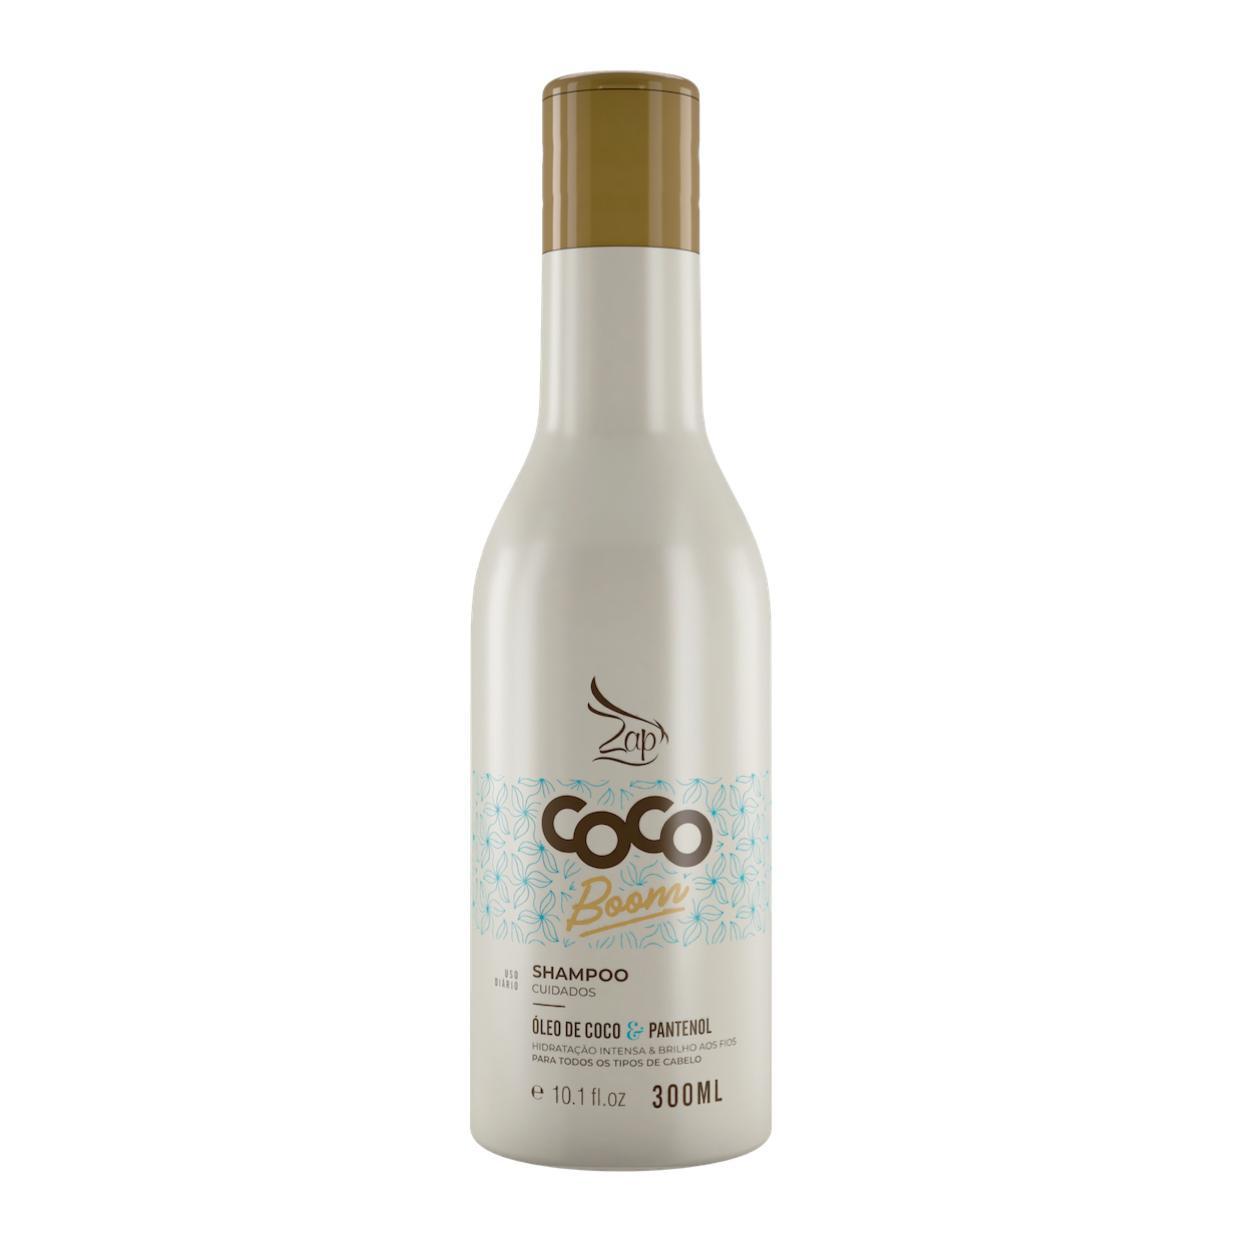 Zap Coco Boom Shampoo Manutenção 300ml